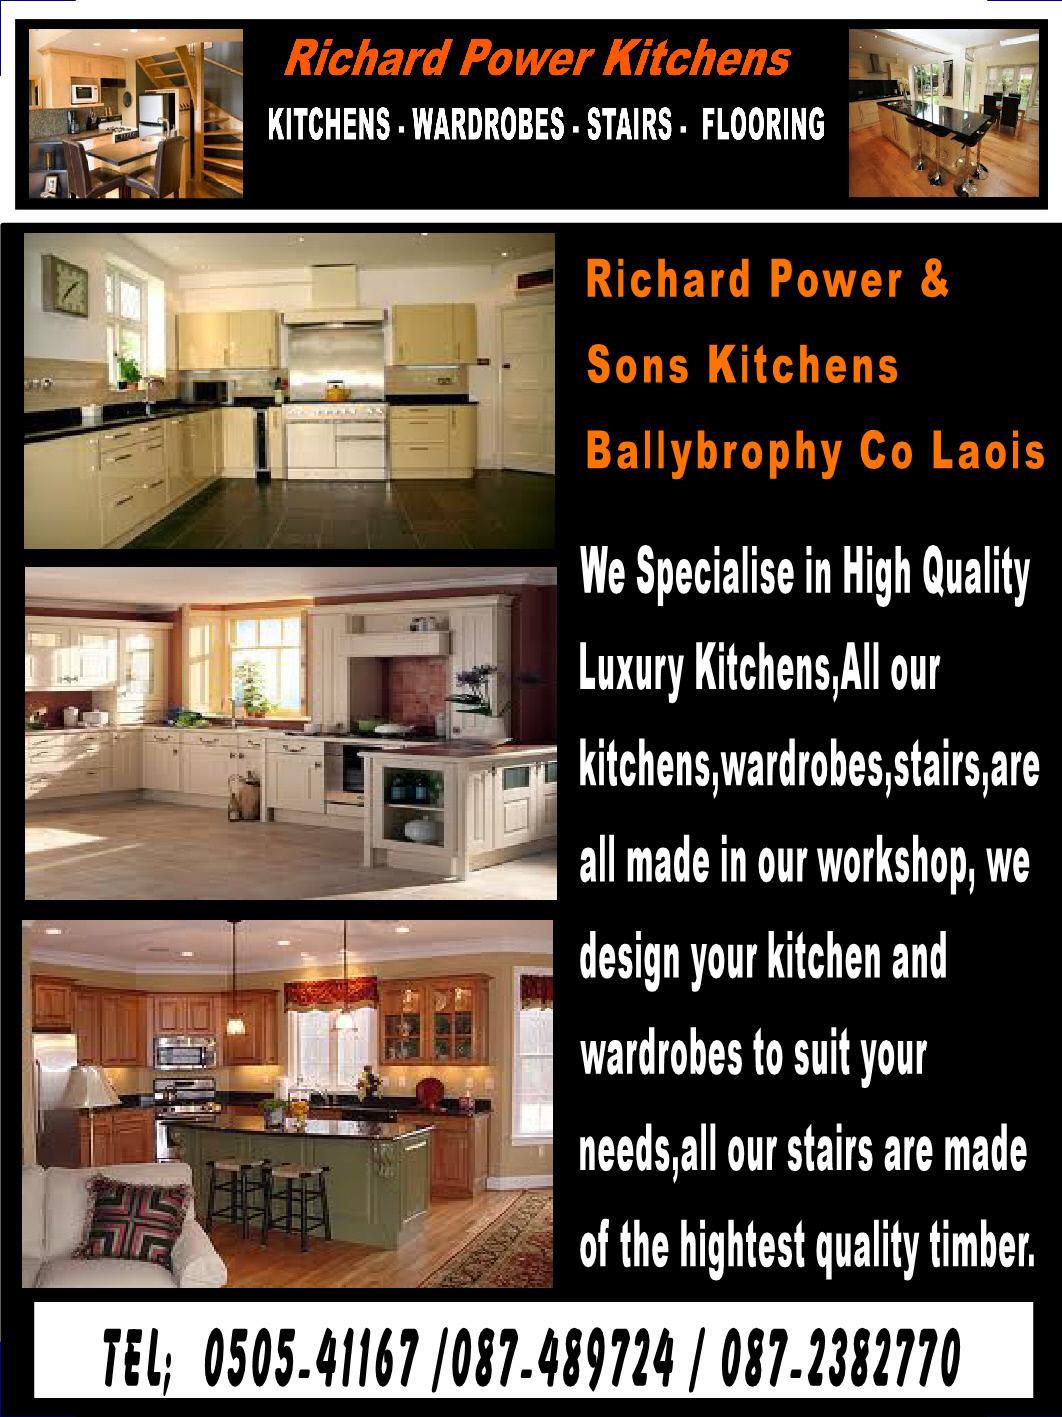 richard power kitchens portlaoise laois